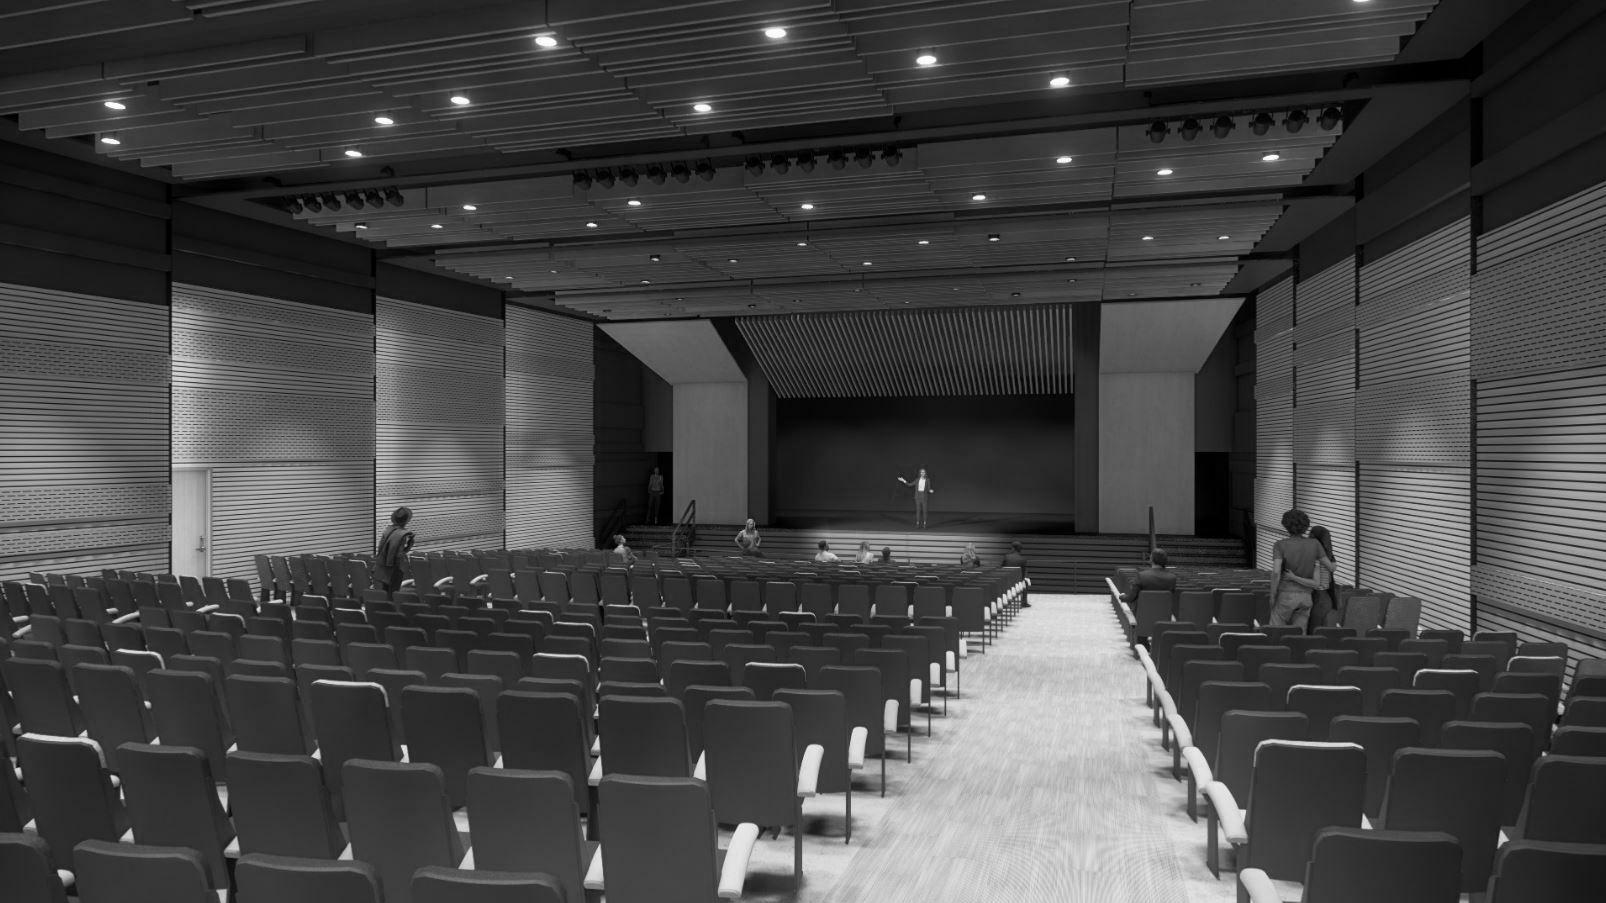 Harlandale HS Auditorium Rendering